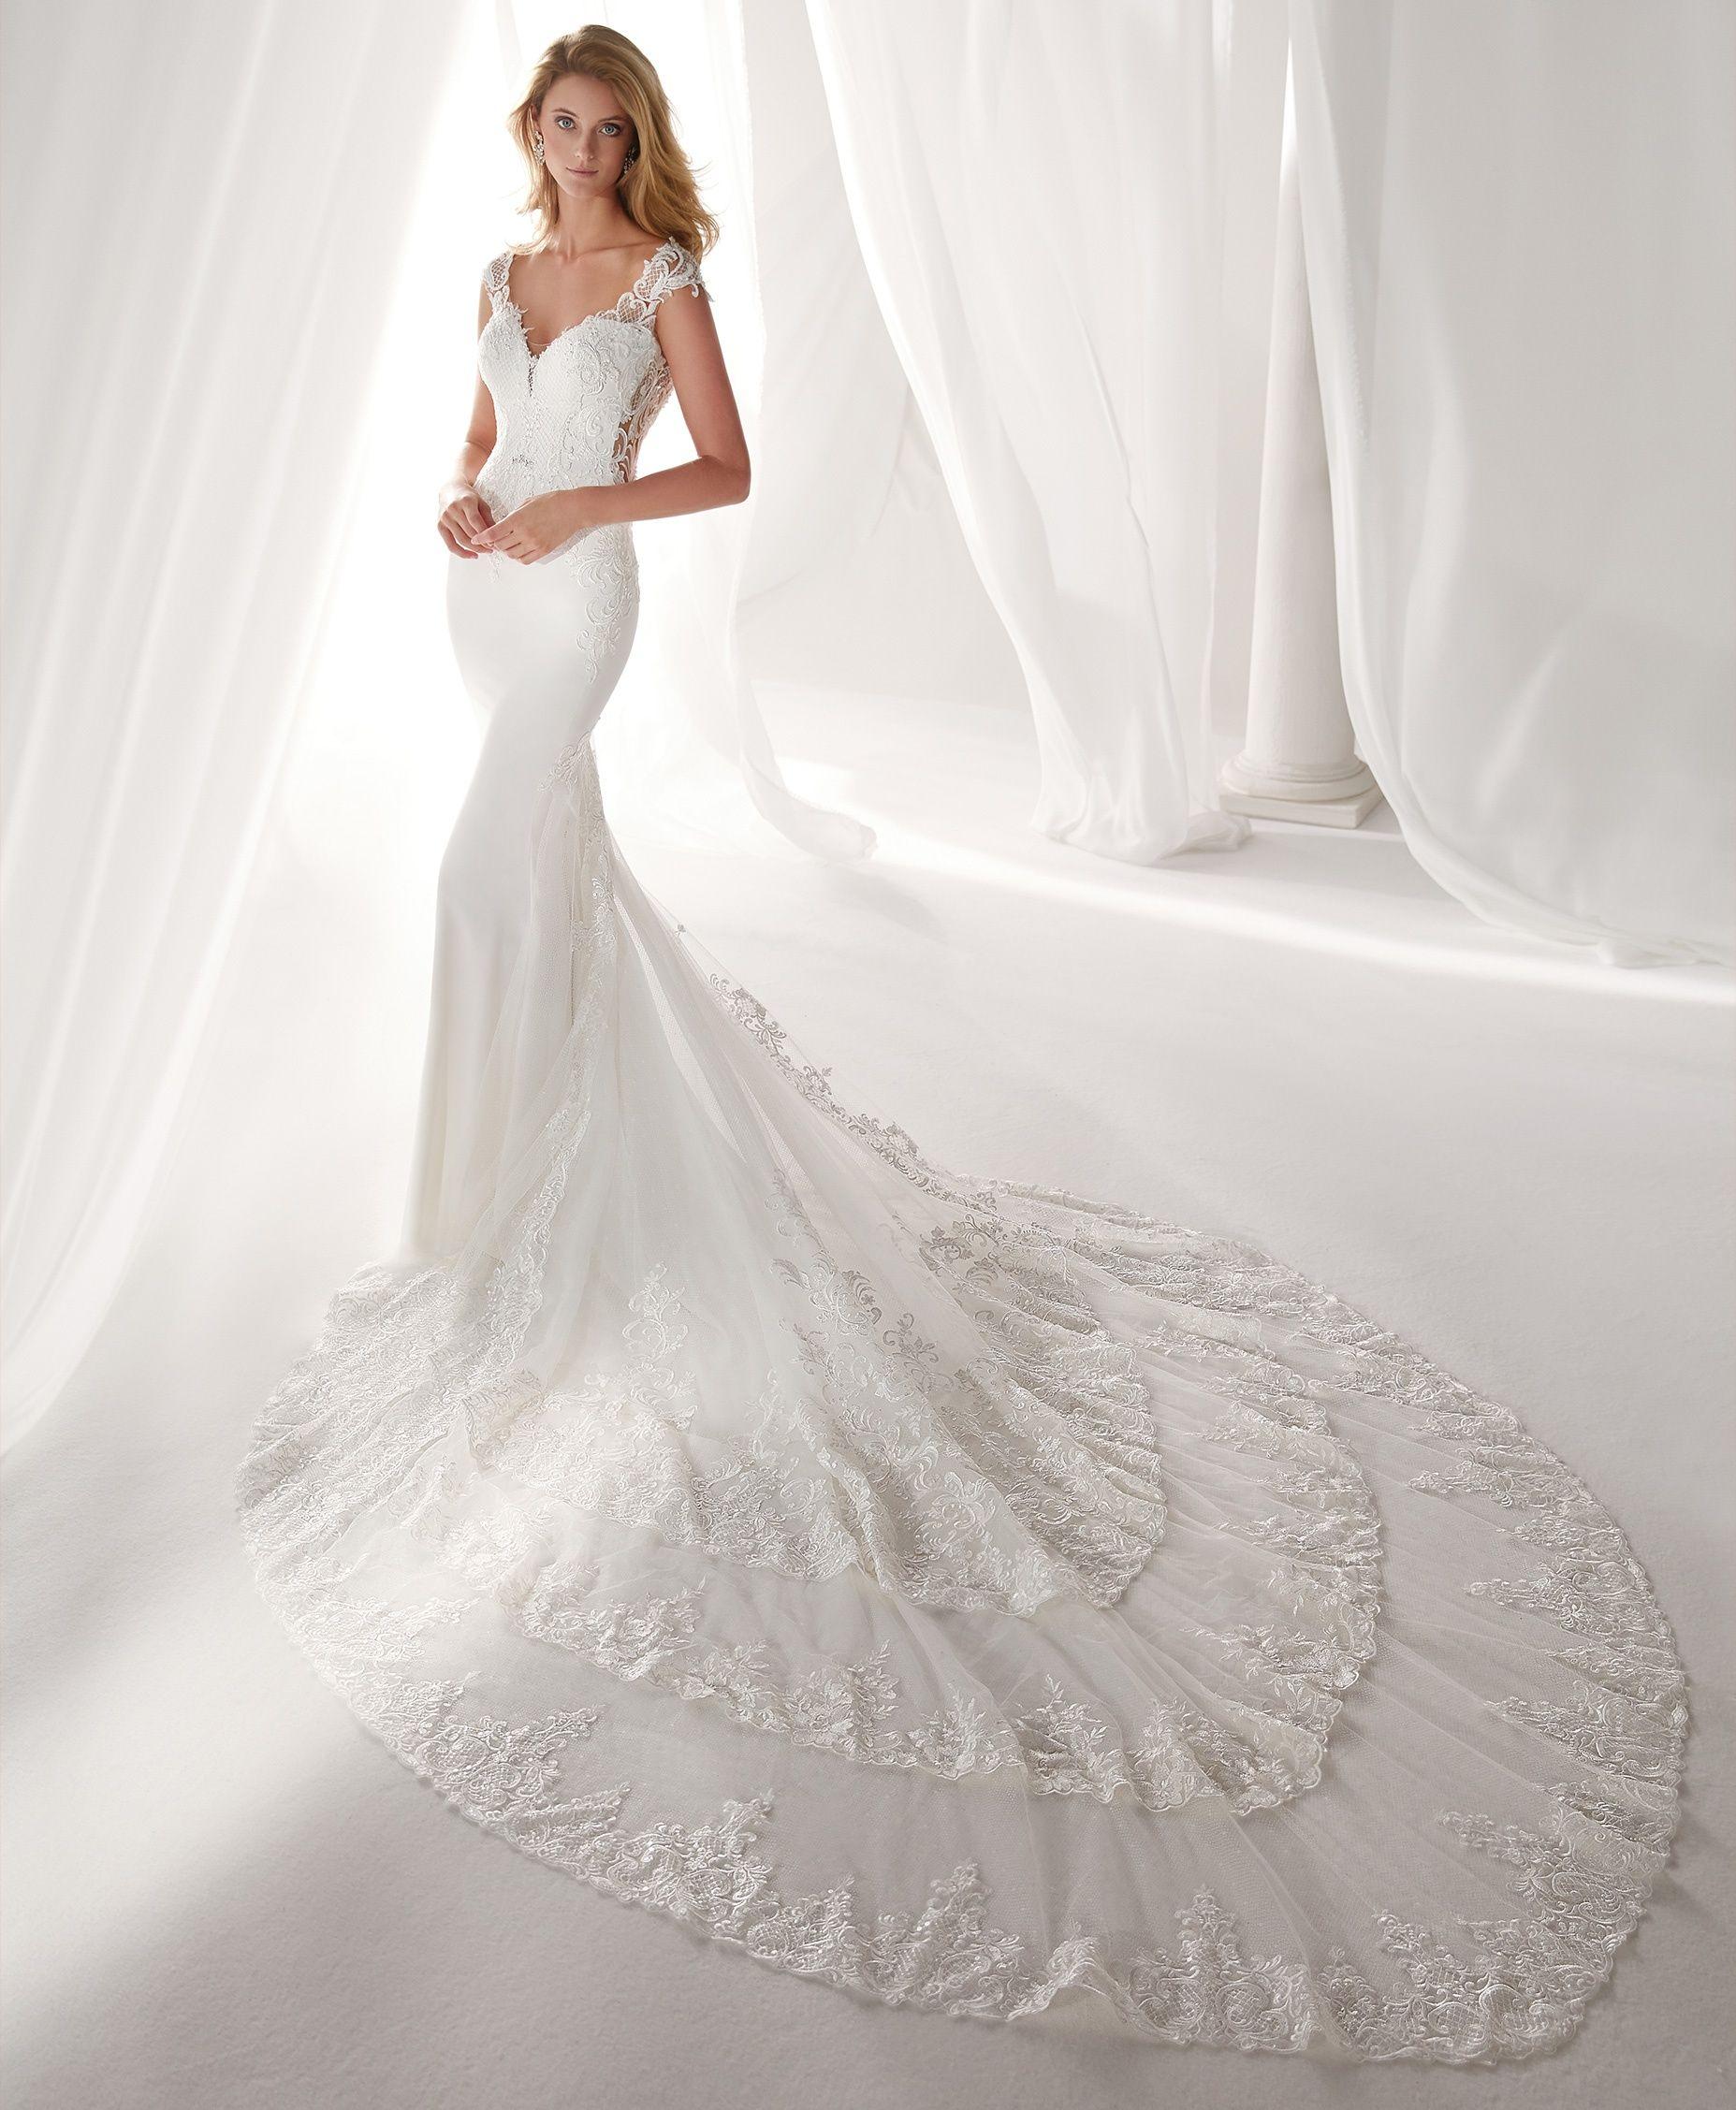 Moda Sposa 2019 Collezione Nicole Niab19042 Abito Da Sposa Nicole Abiti Da Sposa Di Design Abiti Da Sposa A Sirena Vestiti Da Cerimonia Nuziale